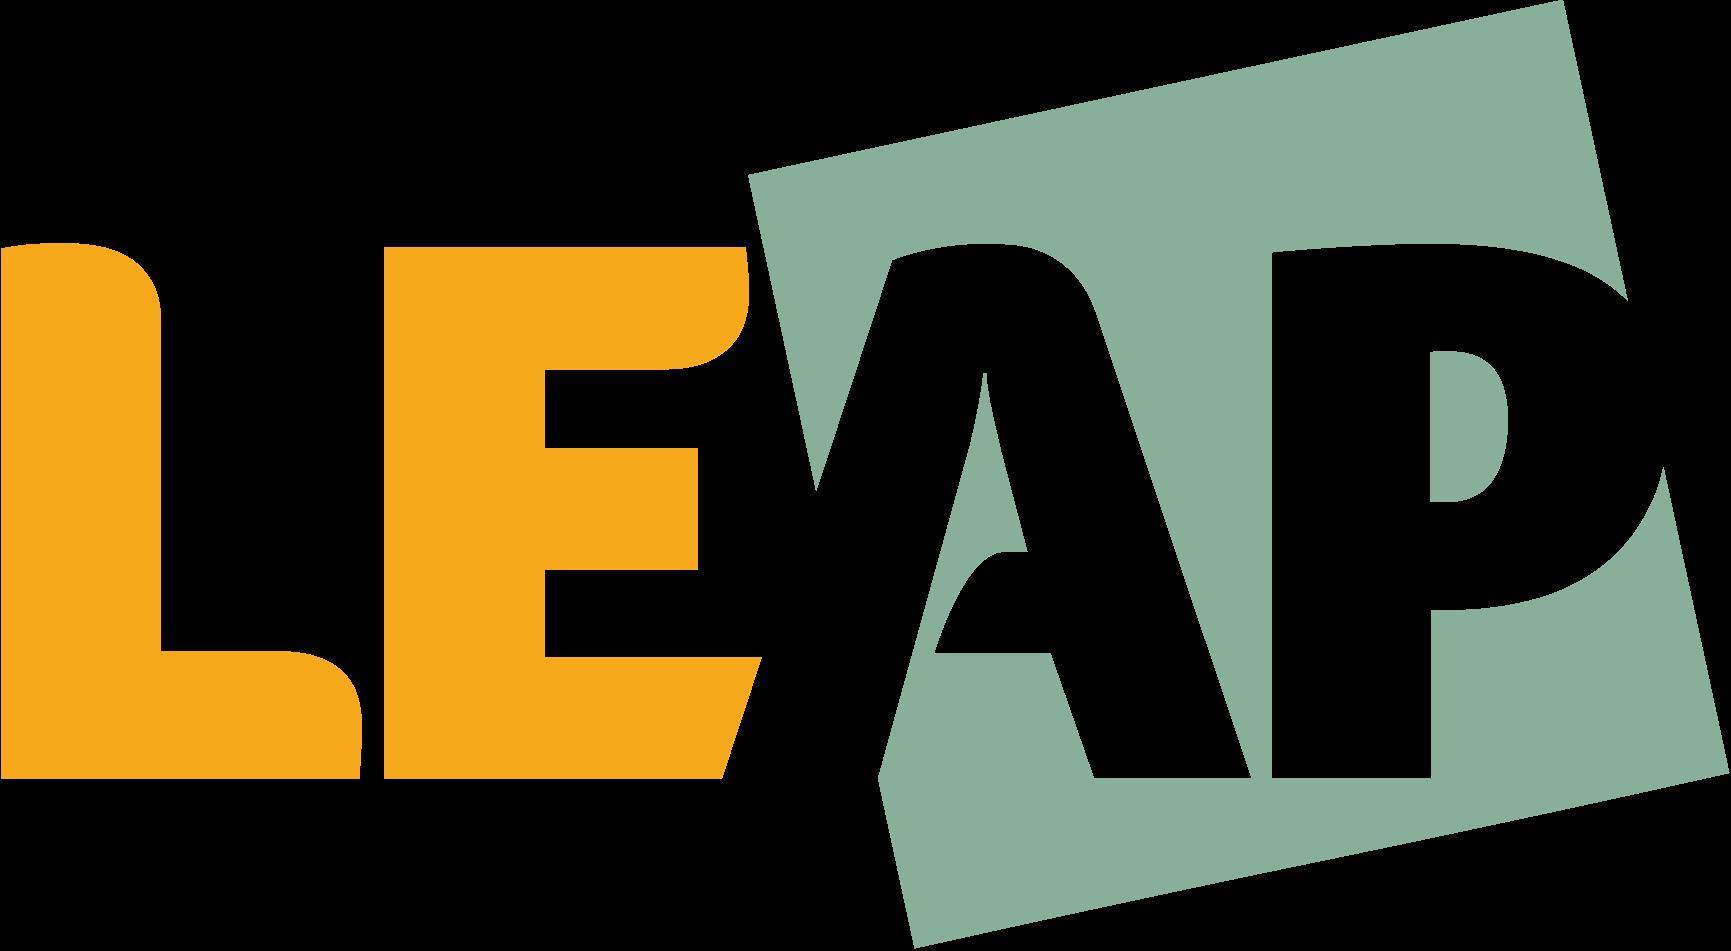 Leap logo rgb